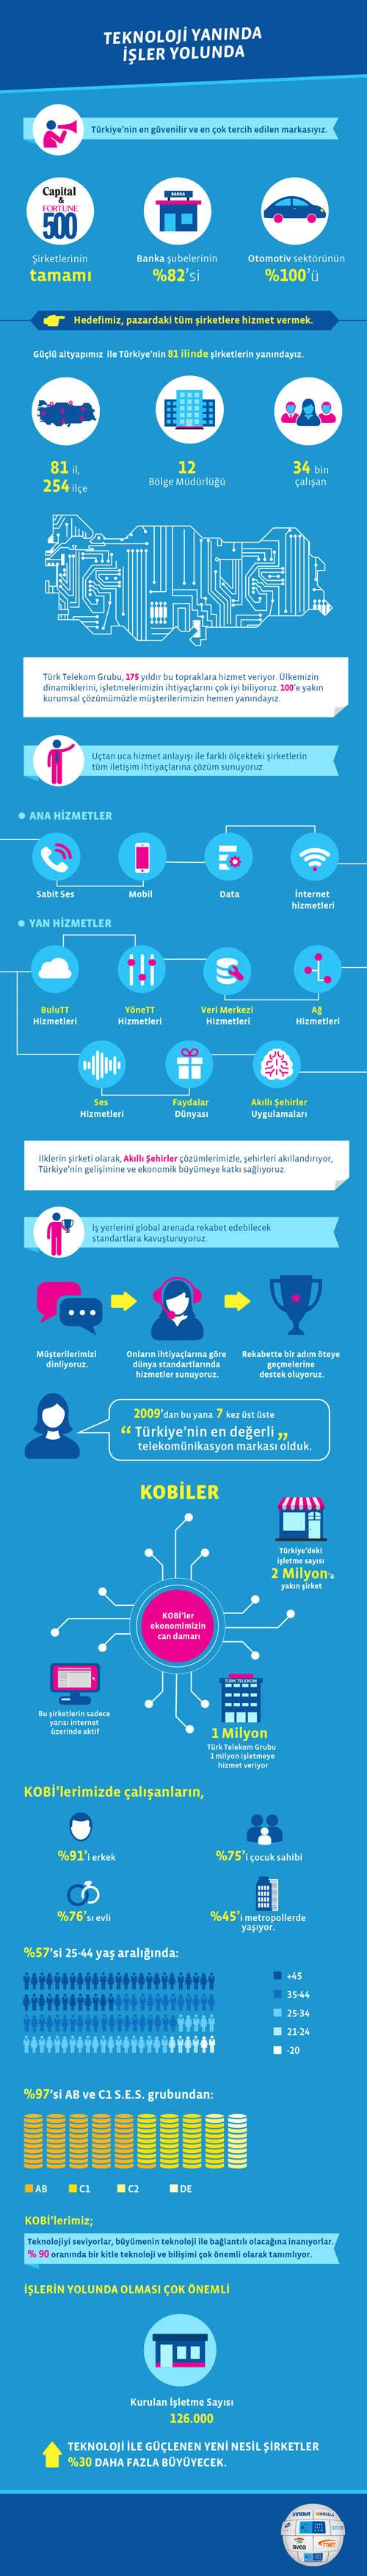 Teknoloji-yanında-işler-yolunda_infografik-